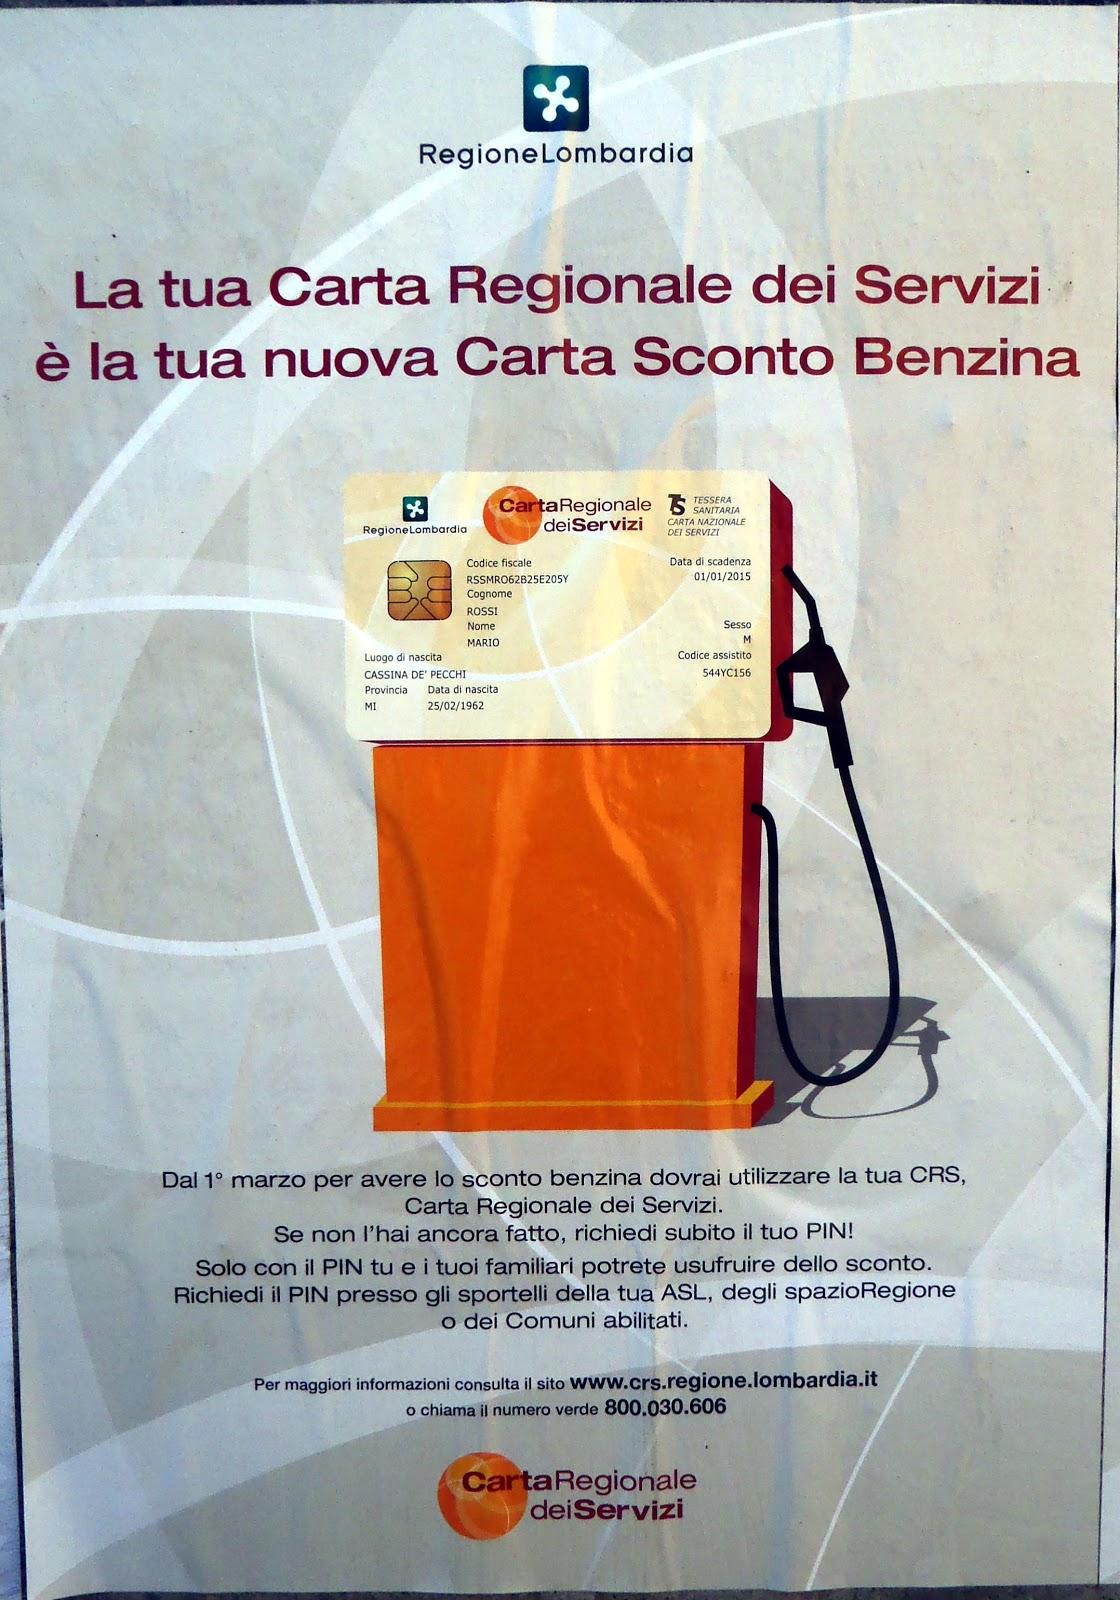 Unico Lab La Crs Come Carta Sconto Benzina In Un Poster